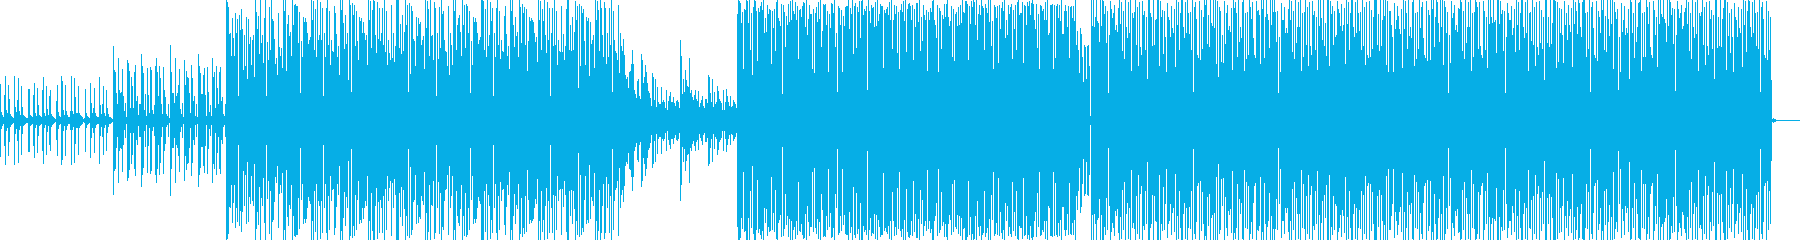 クール、壮大、オーケストラ風テクノの再生済みの波形